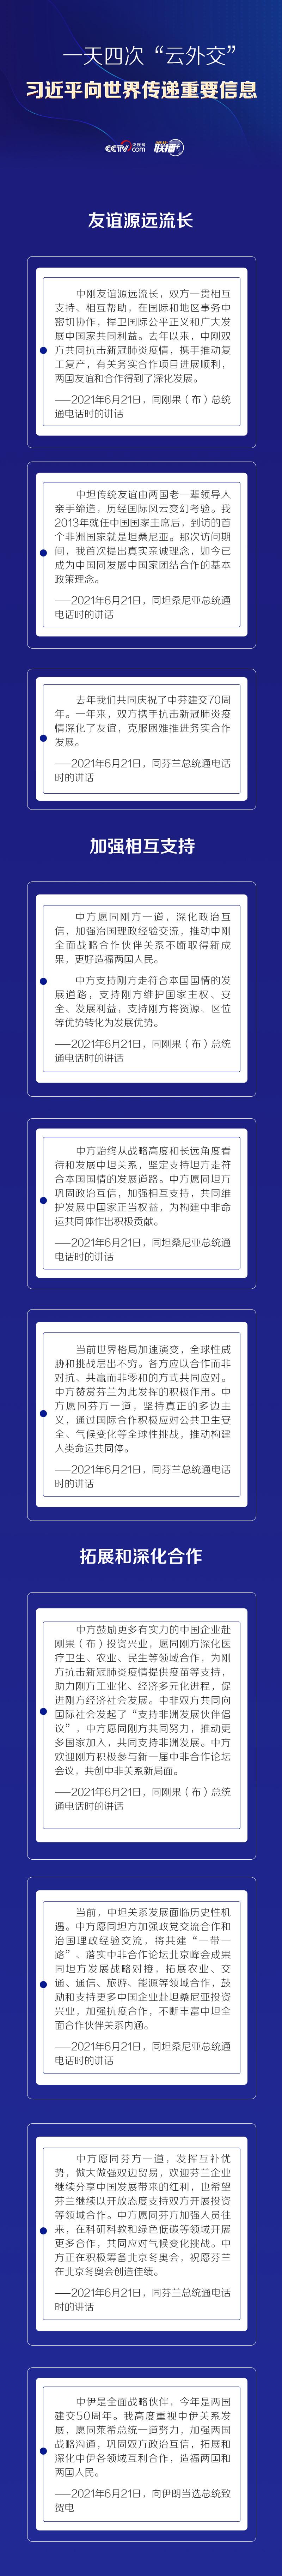 """聯播+丨一天四次""""云外交"""" 習近平向世界傳遞重要信息"""